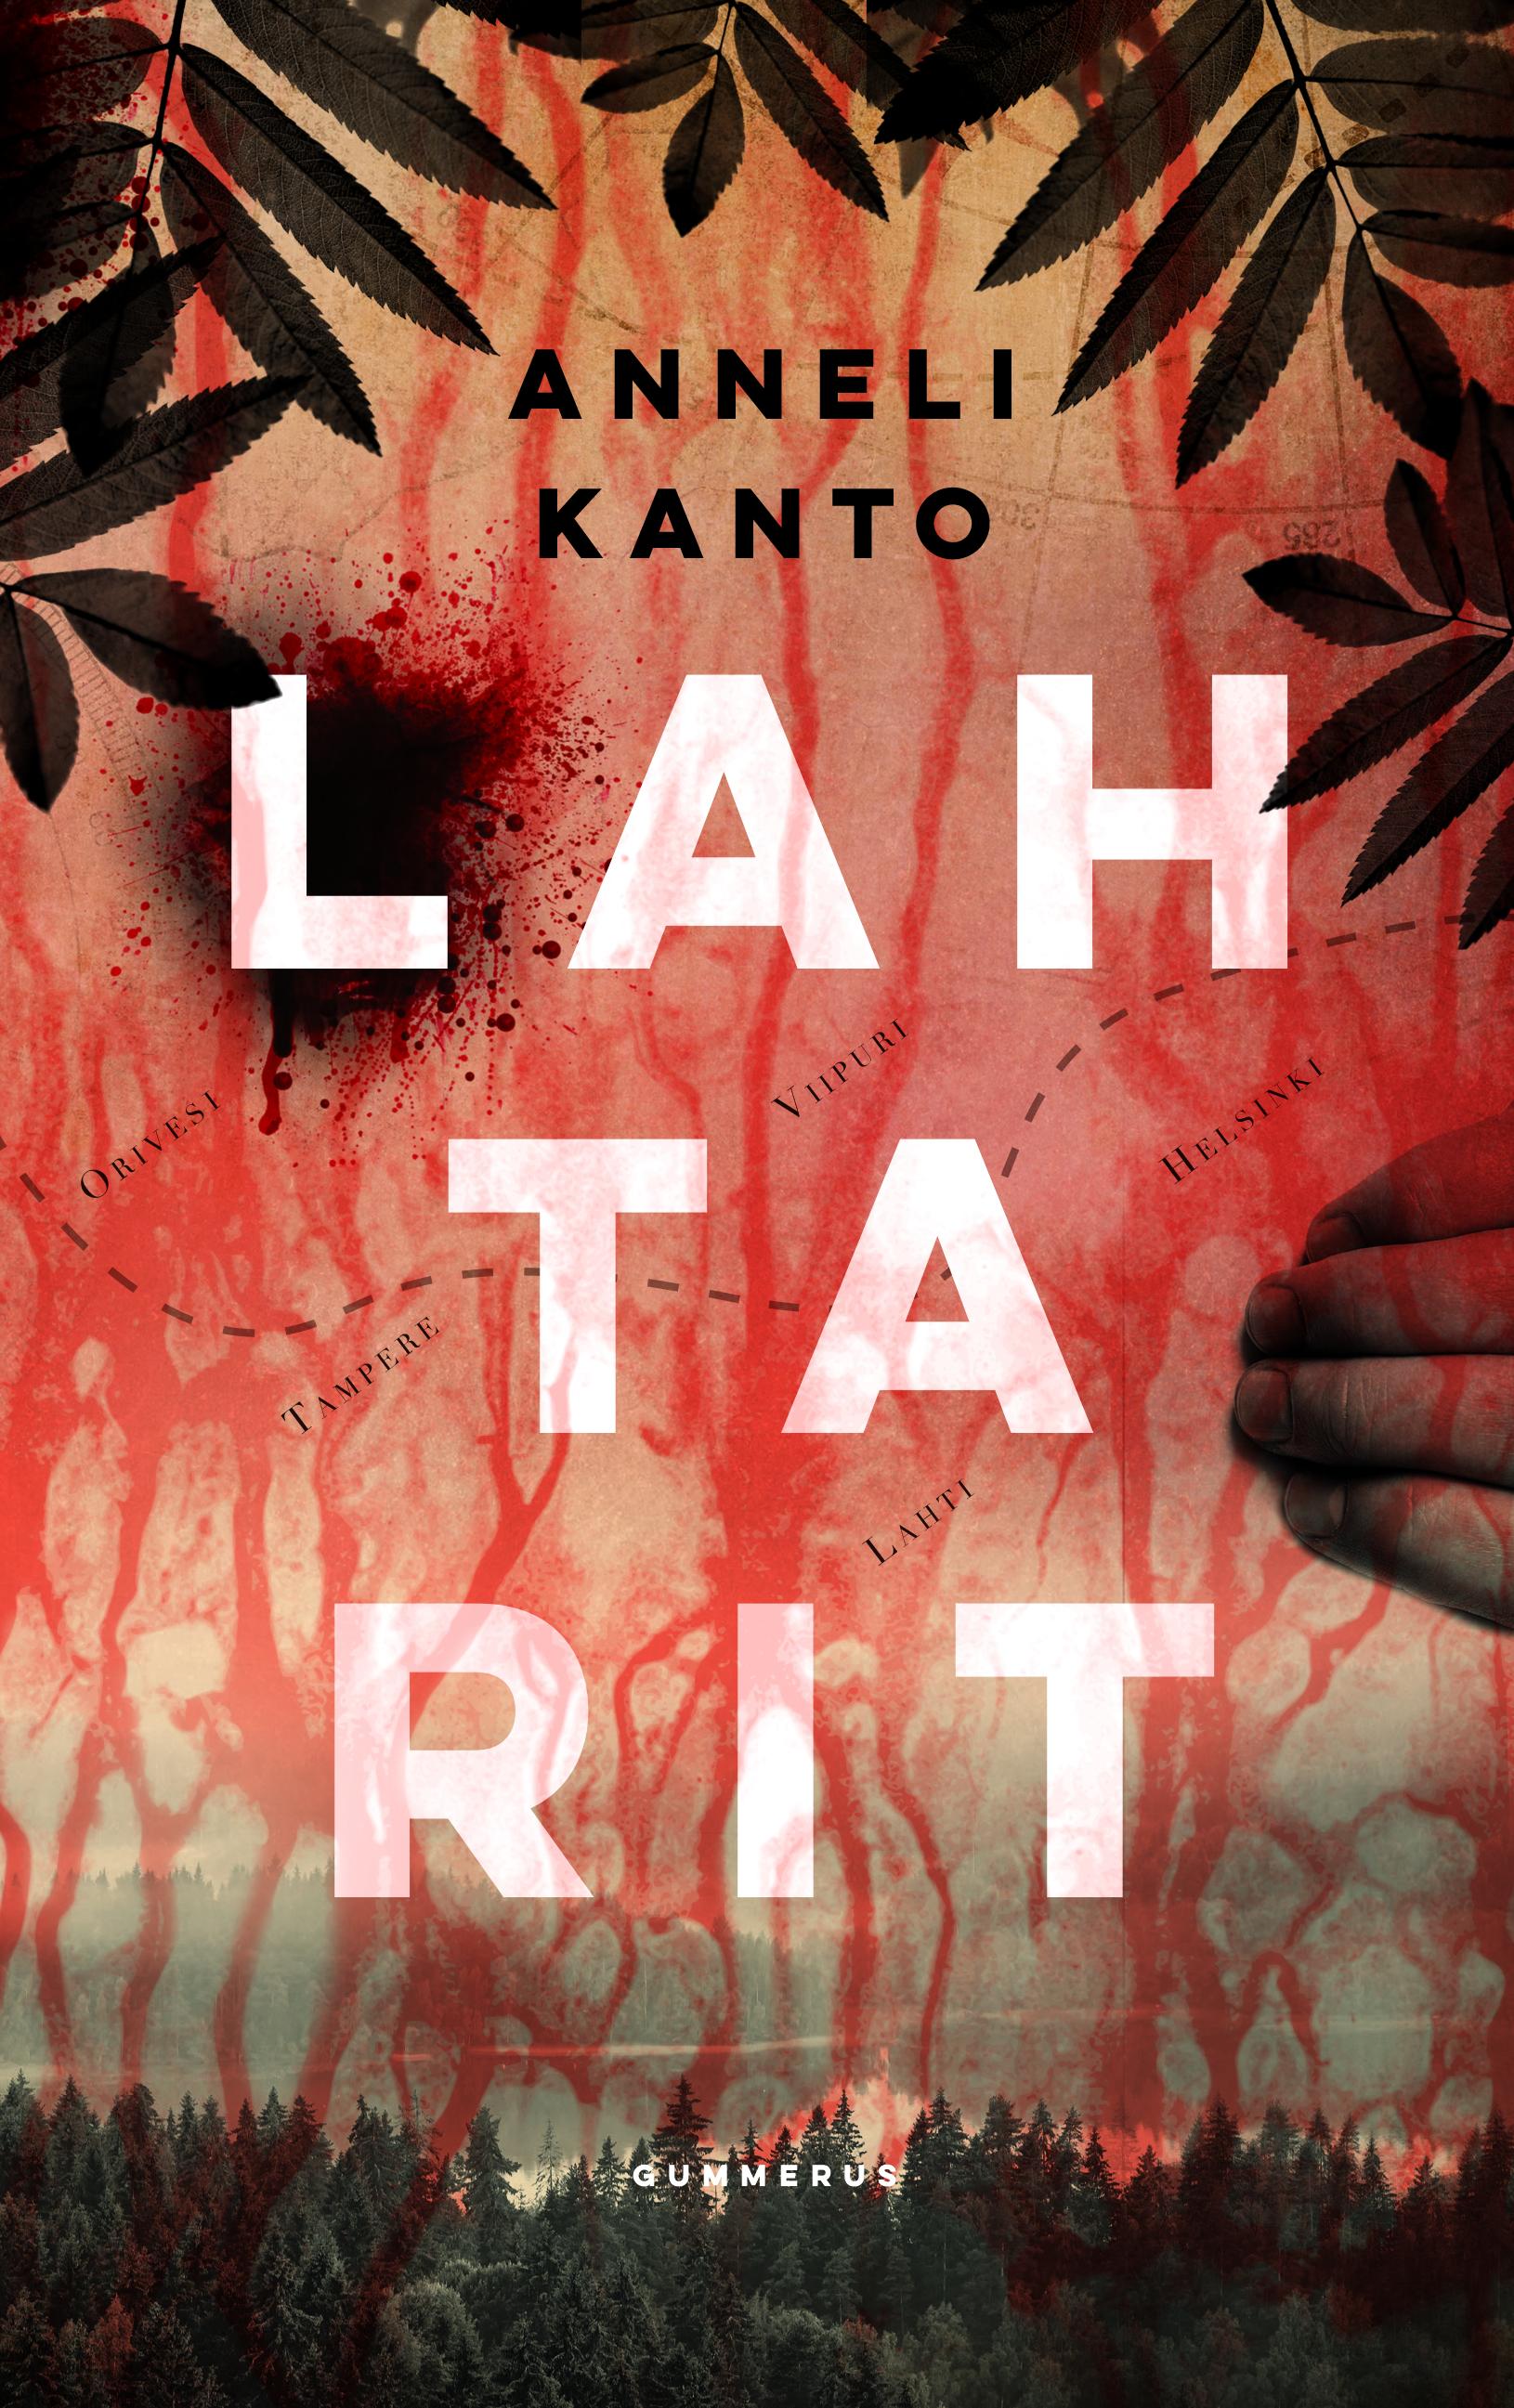 Anneli Kanto - Lahtarit, 2017 Gummerus